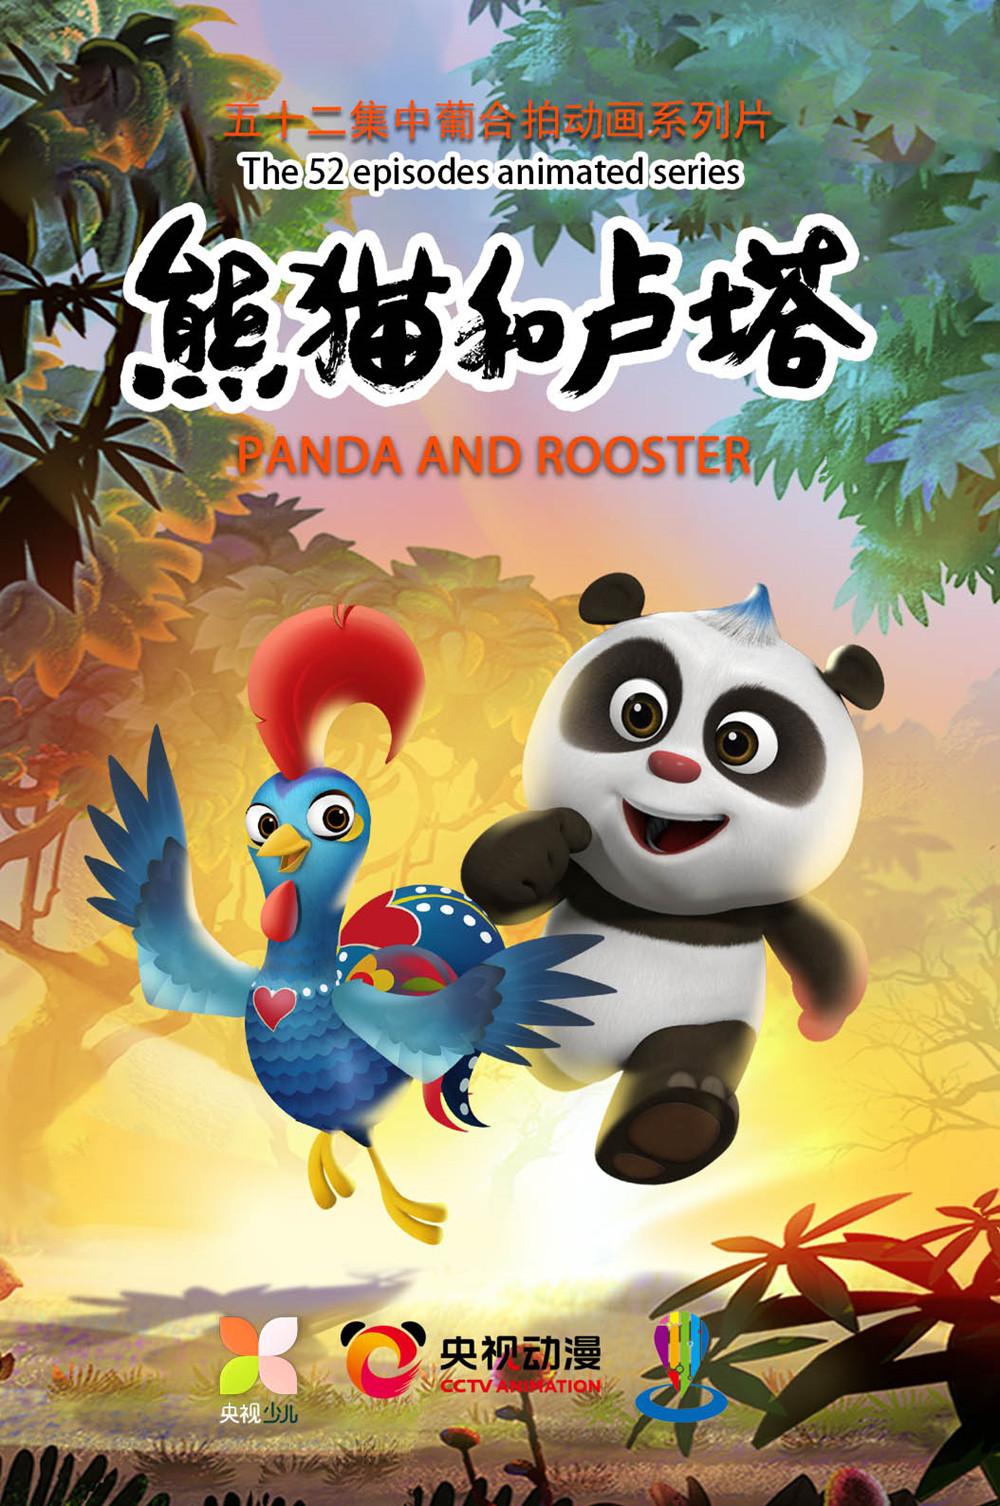 中葡合拍《熊猫和卢塔》